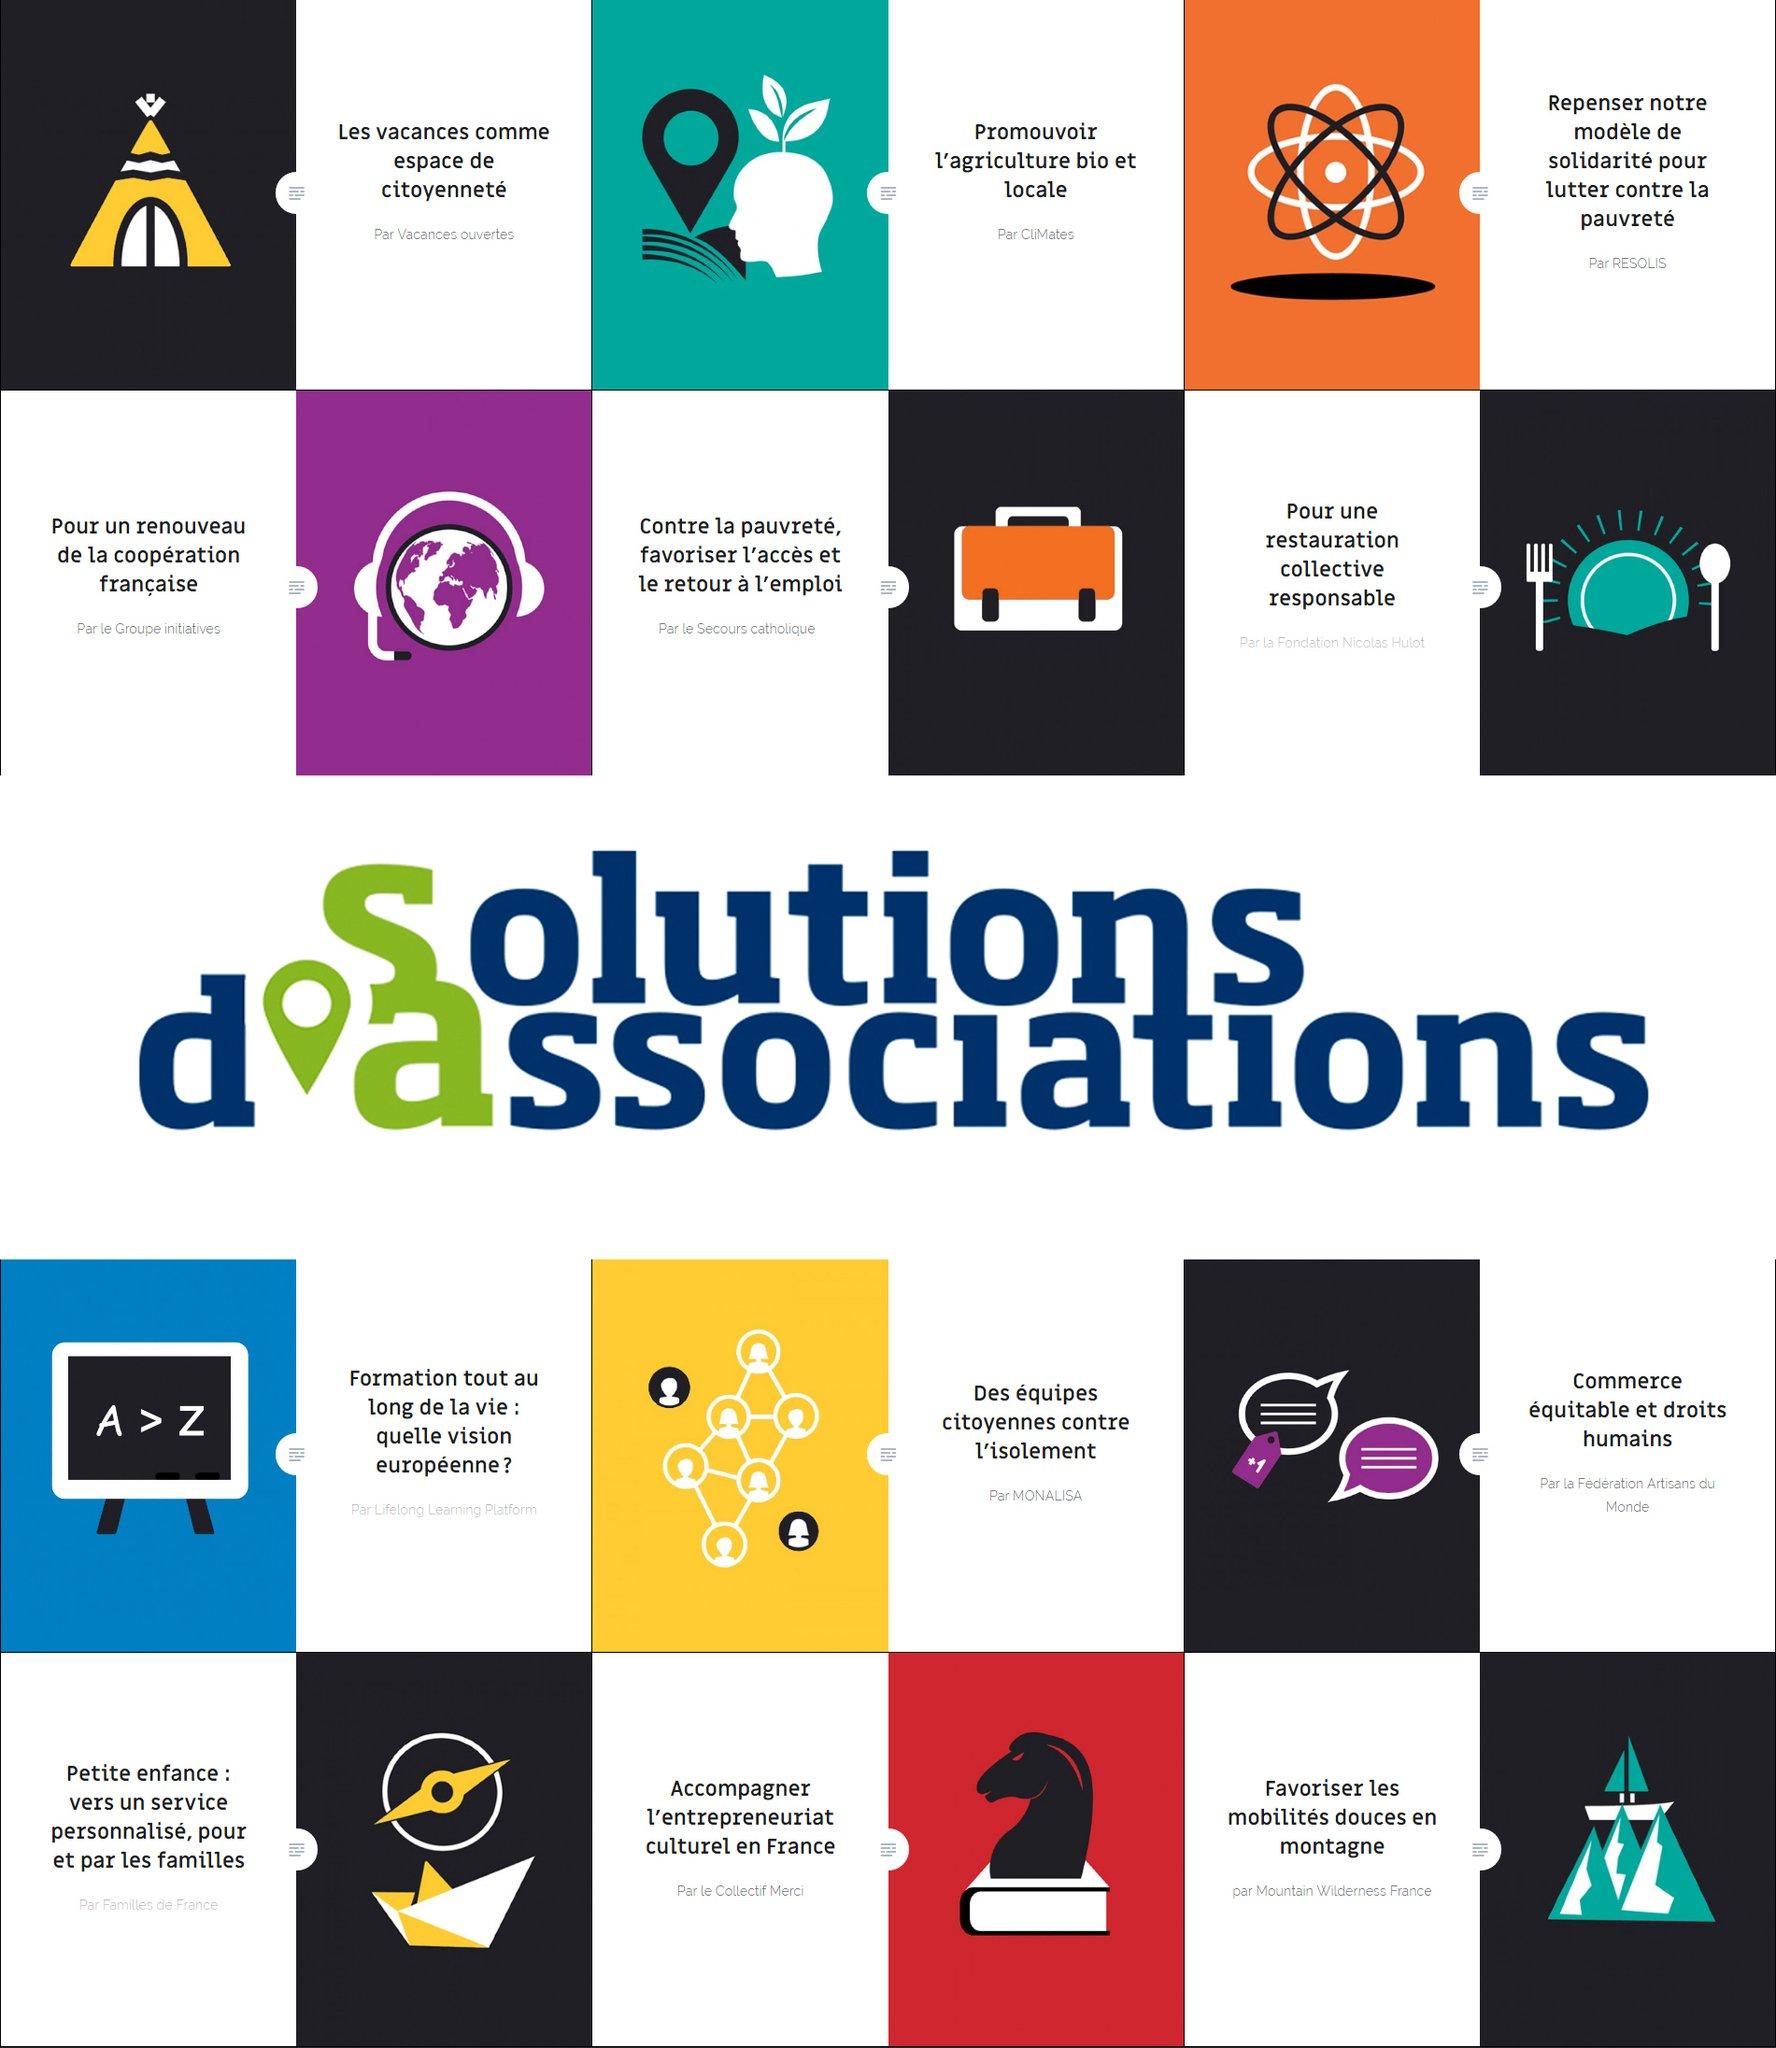 Go sur https://t.co/nLHKZ51VnT pour découvrir des actions terrain nouvelles et pertinentes menées par les #assos. #SolutionsdAssociations https://t.co/KBiQqfapi8